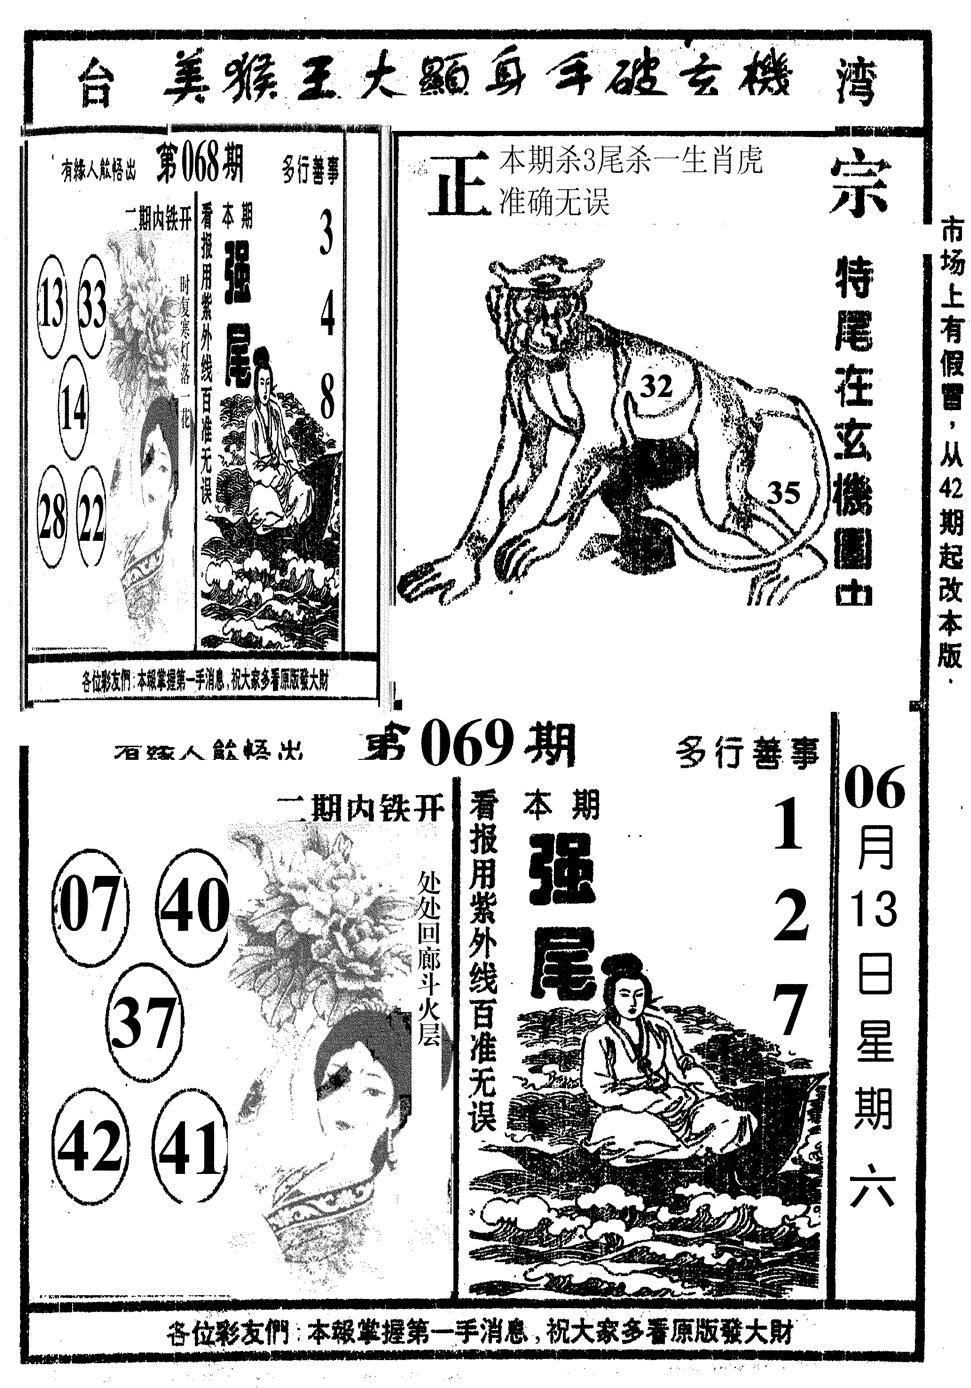 069期美猴王(黑白)